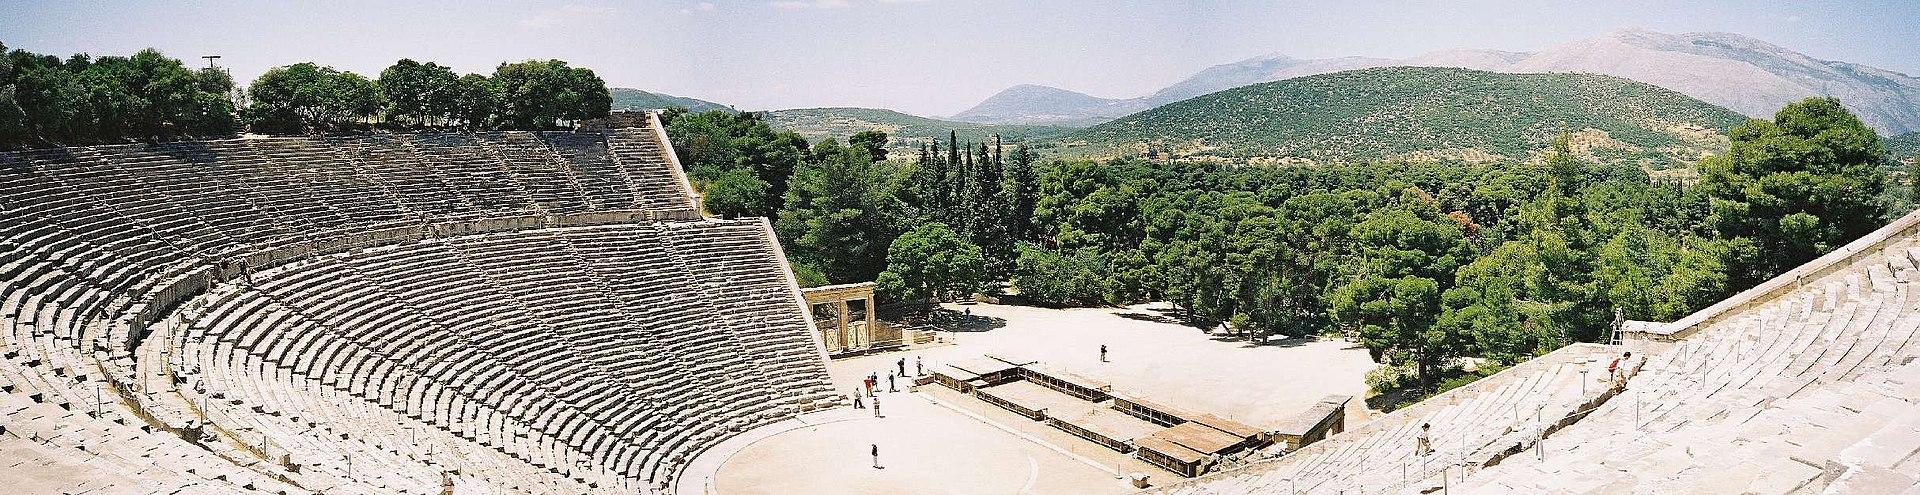 Πανοραμική άποψη του αρχαίου θεάτρου